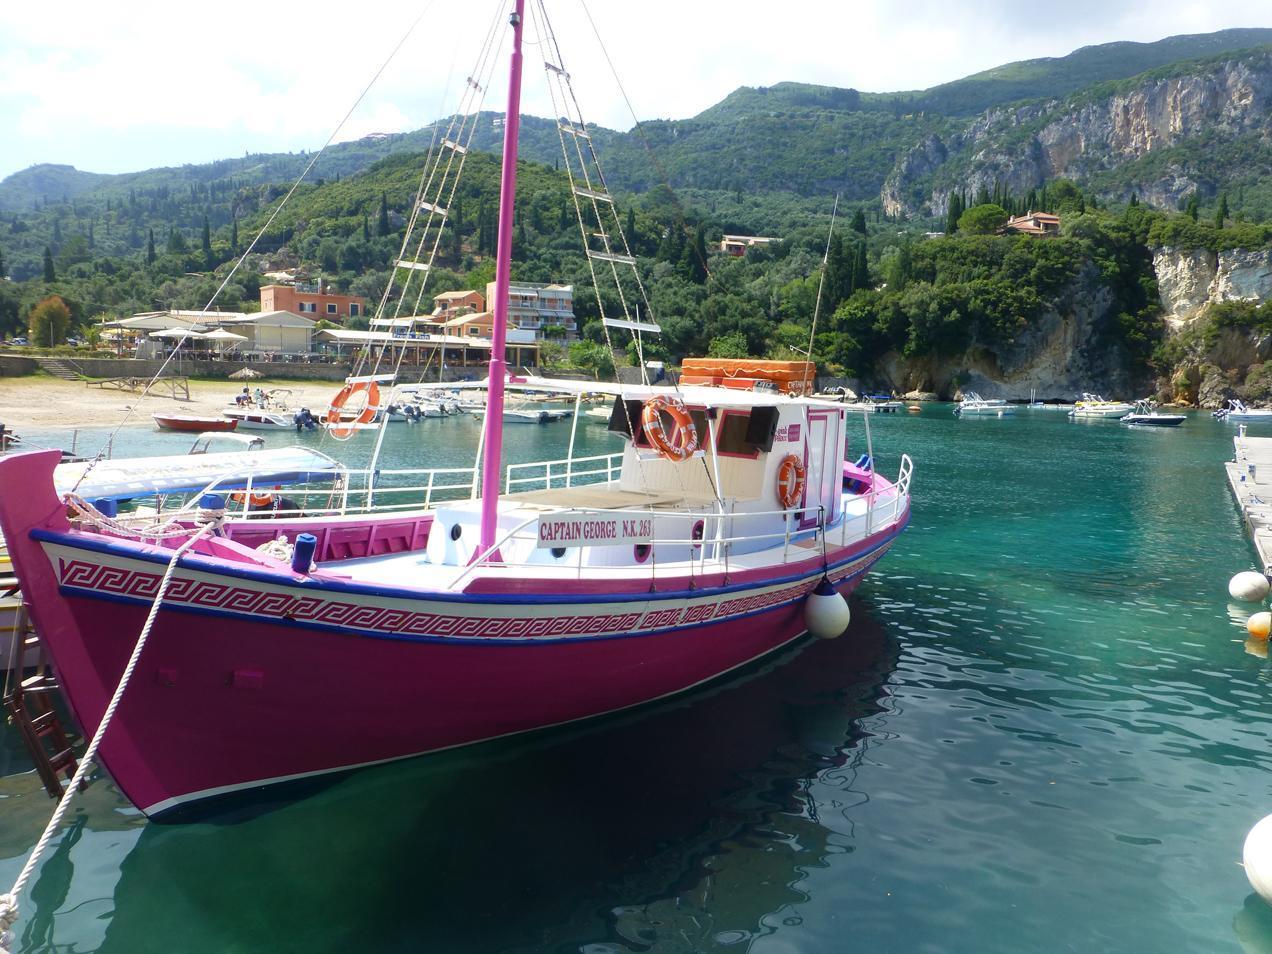 הפלגה ליוון עם דרך הים - עם יאכטה כזאת לא תרצו לרדת לחוף